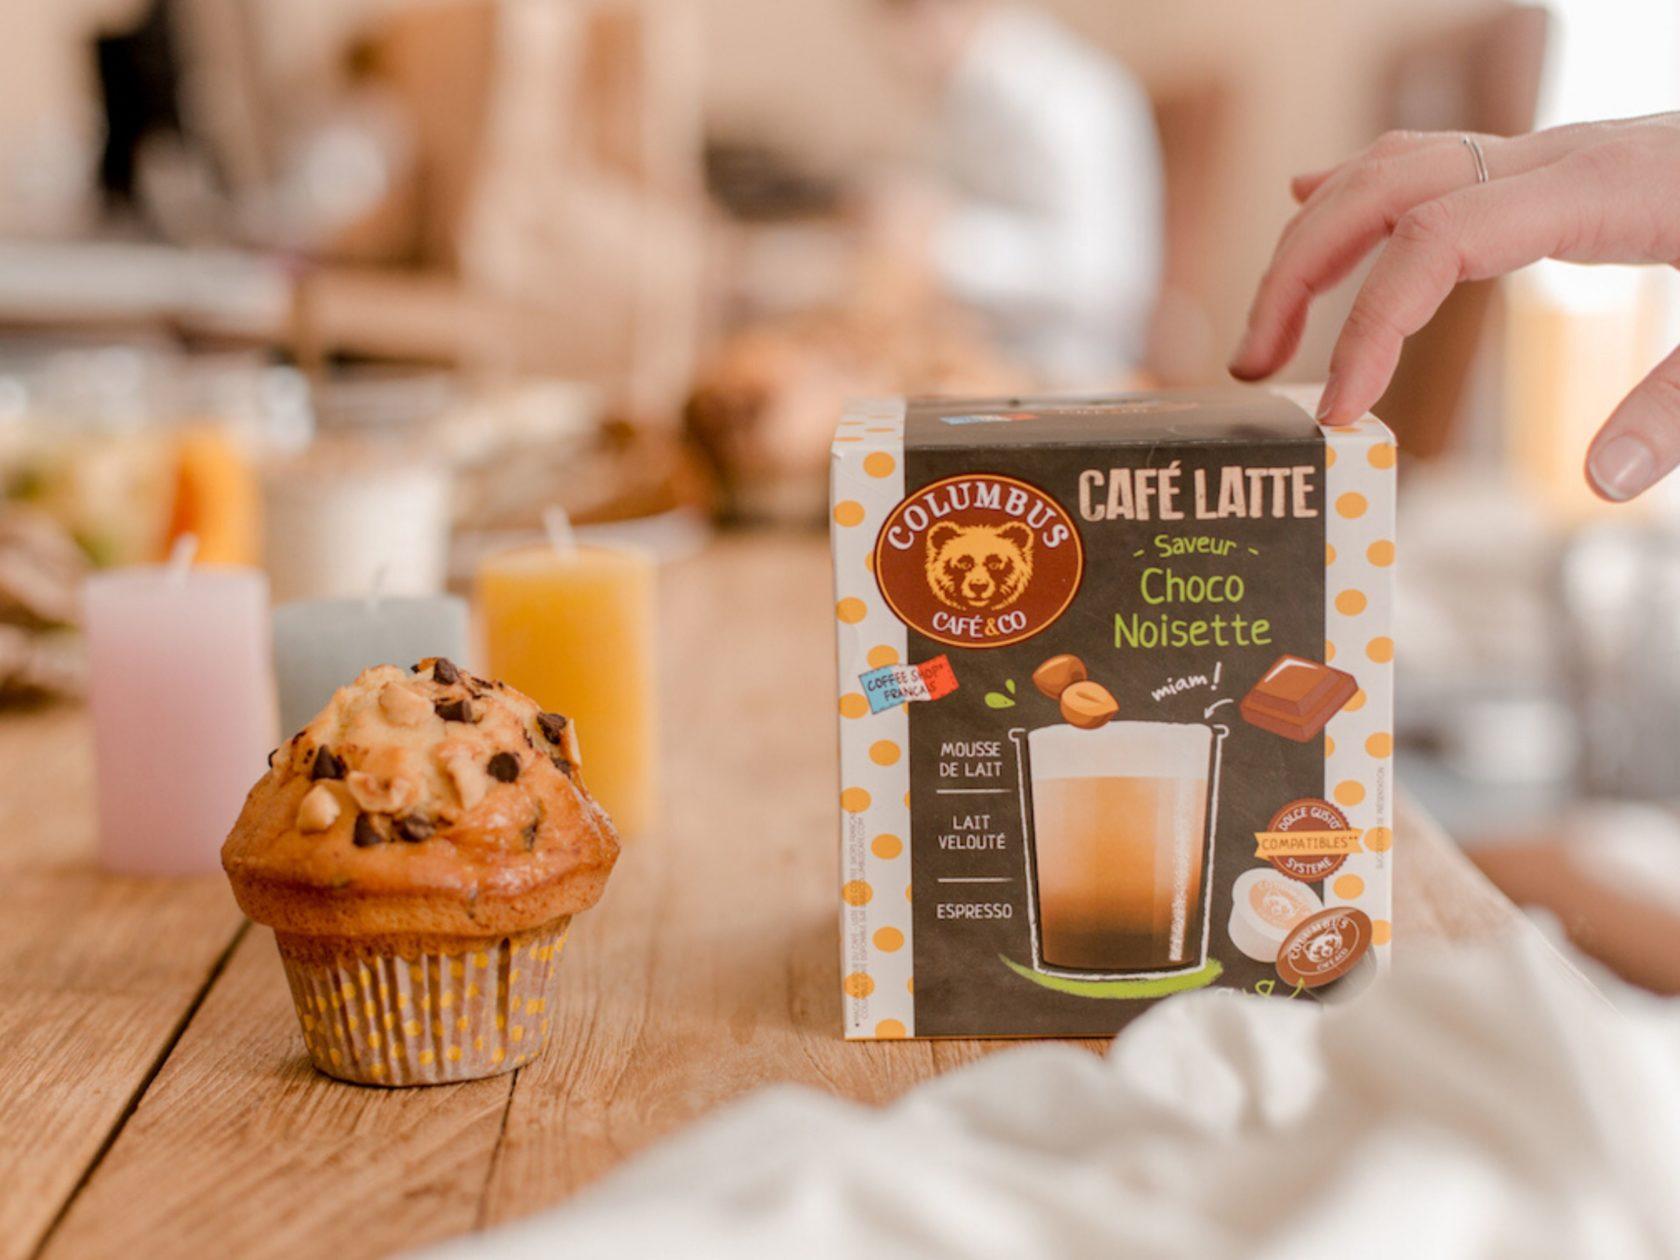 Le Café Latte saveur Choco noisette Dolce Gusto® x 16